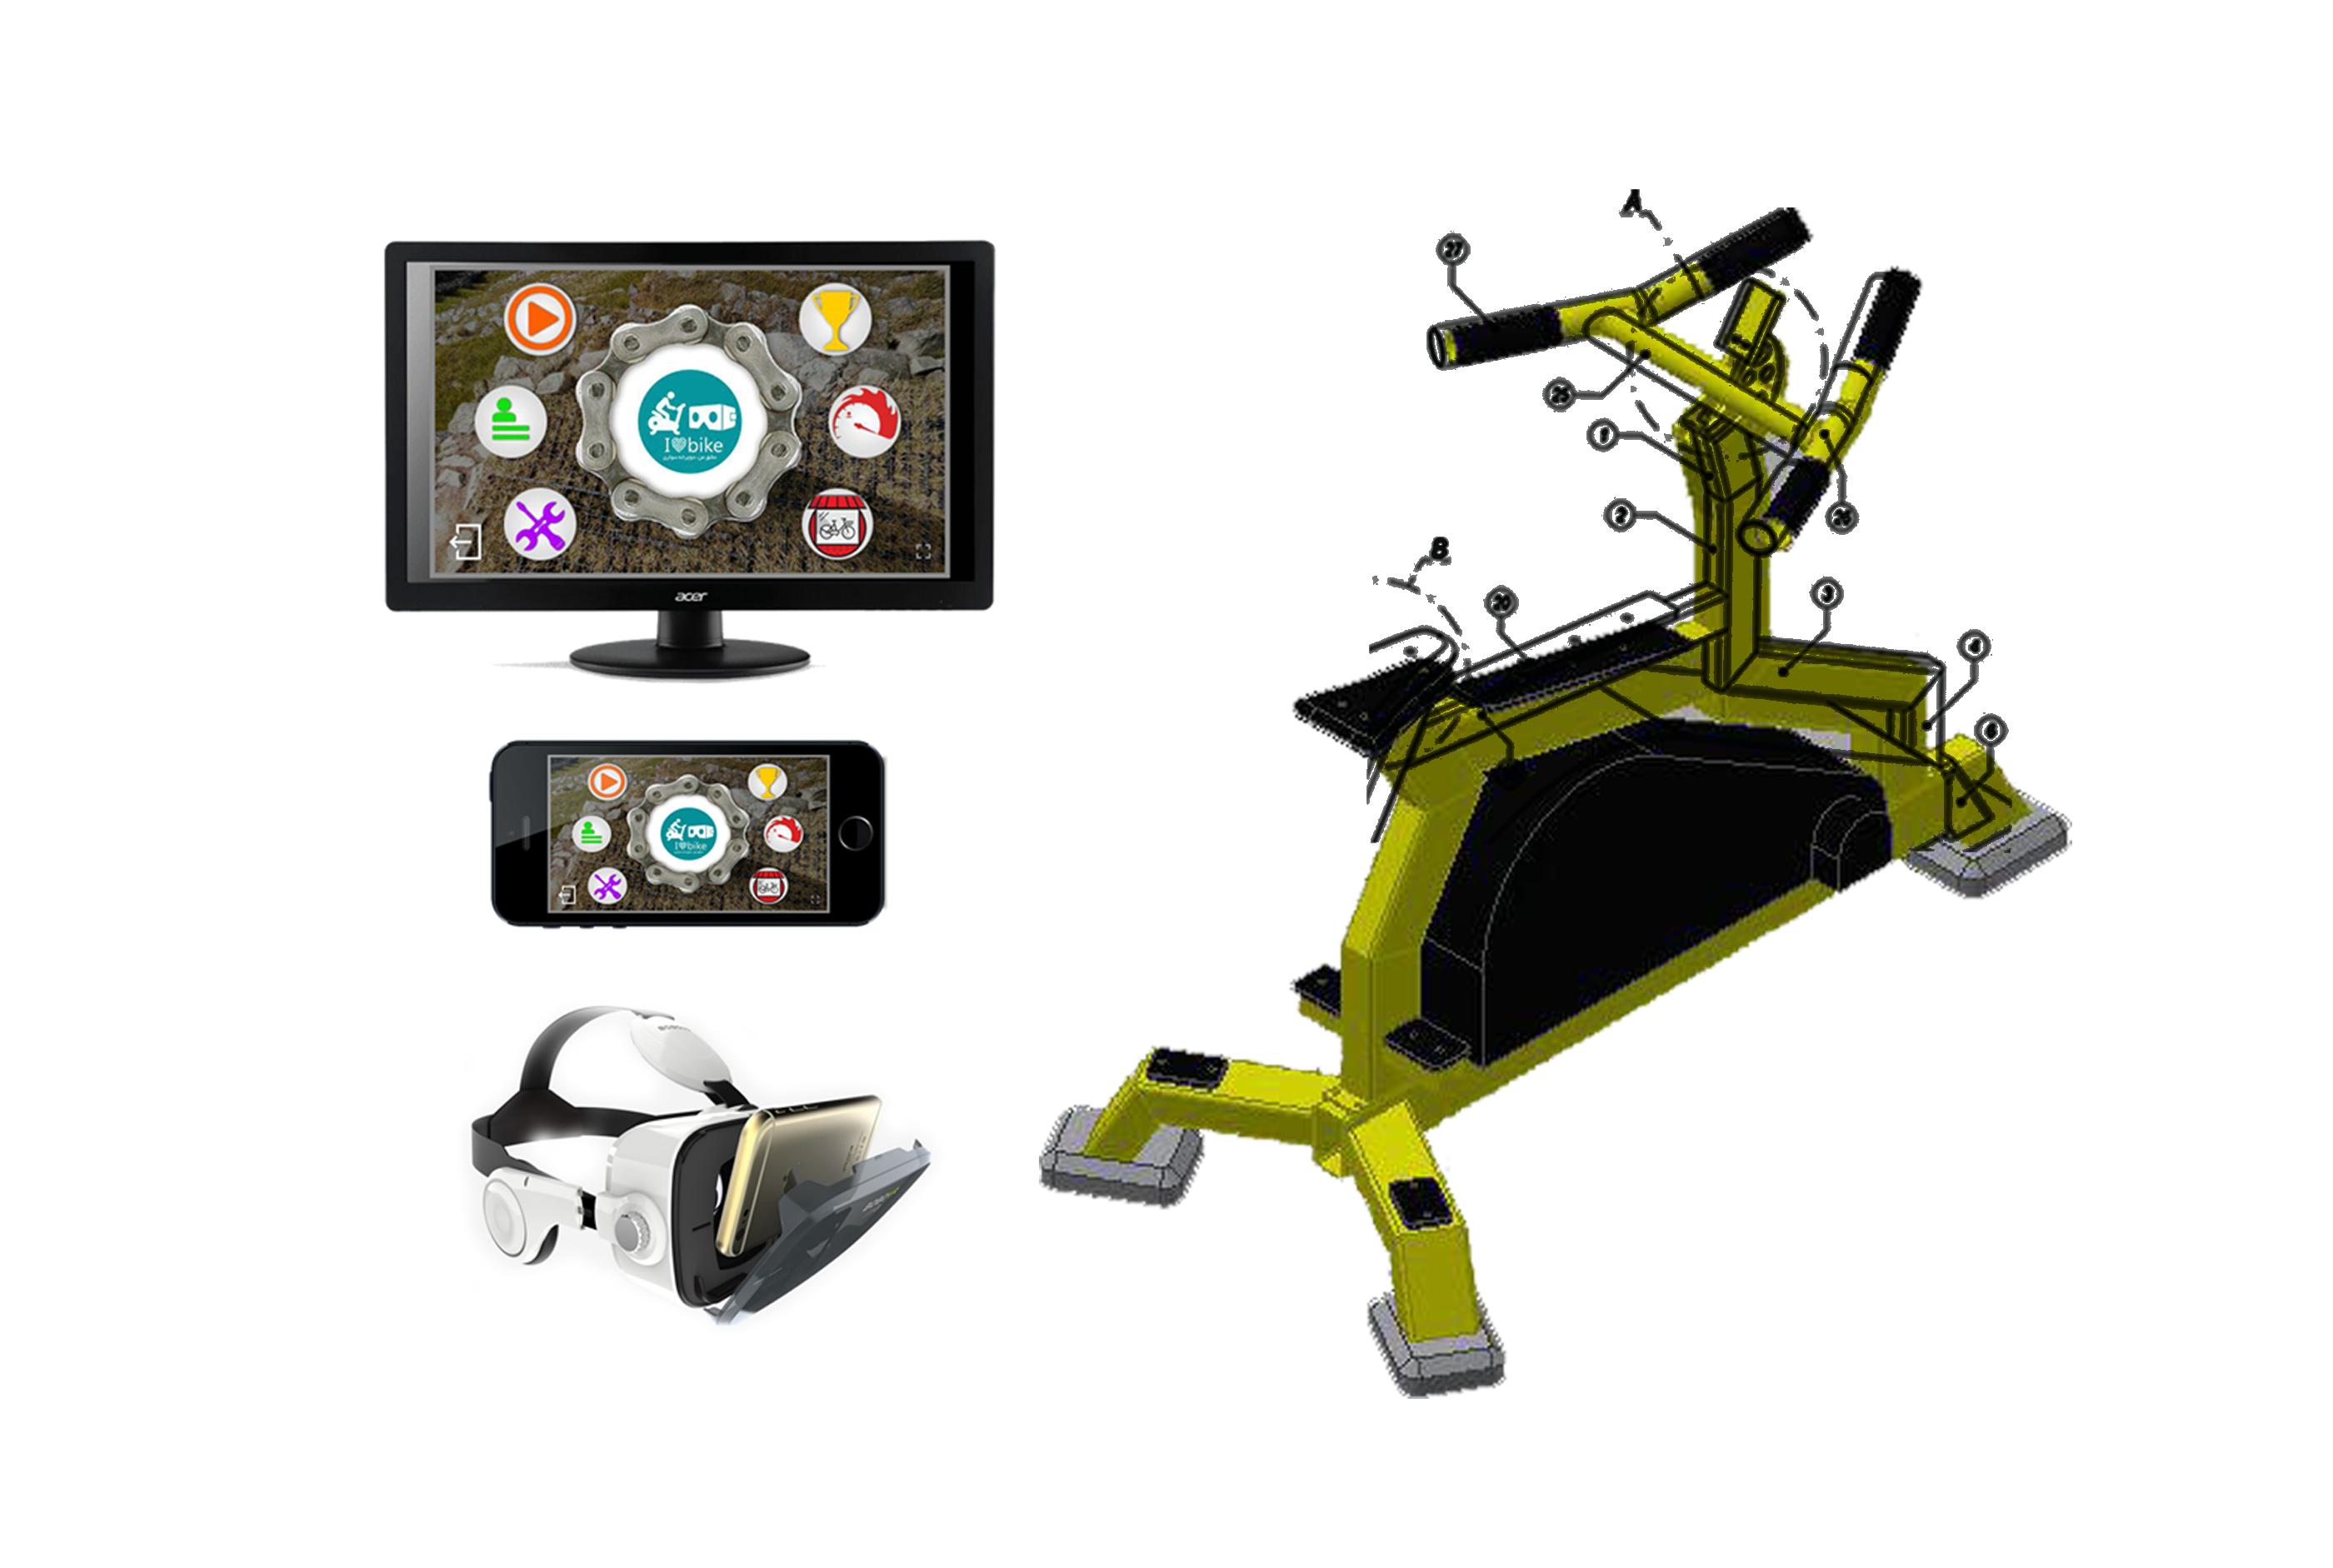 دوچرخه سلامت - آموزش میکروکنترلر - برنامه نویسی واقعیت مجازی -